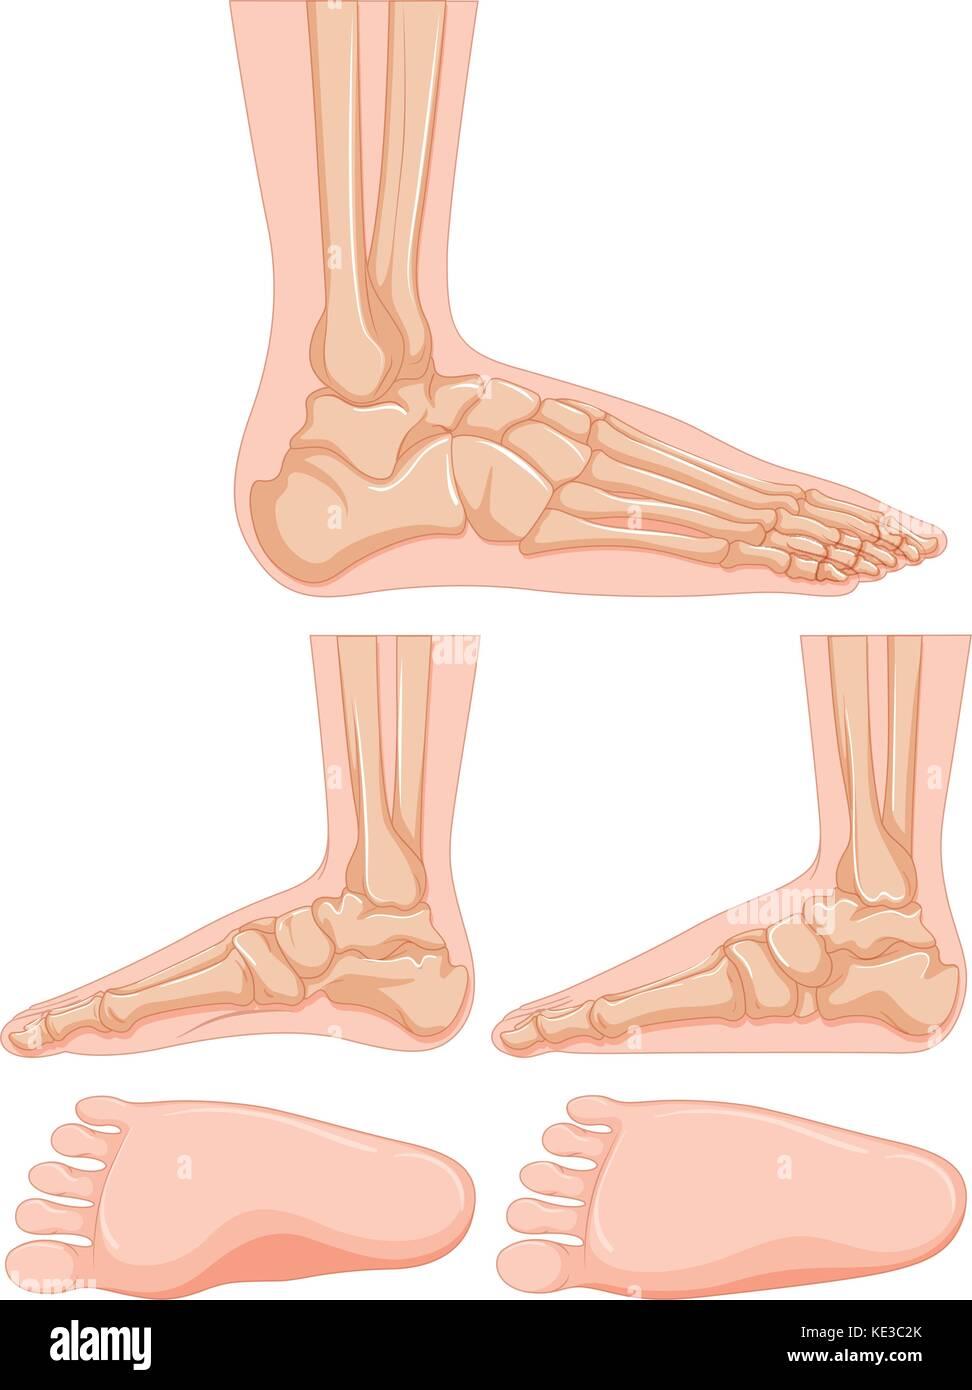 medium resolution of diagram of human foot bone illustration